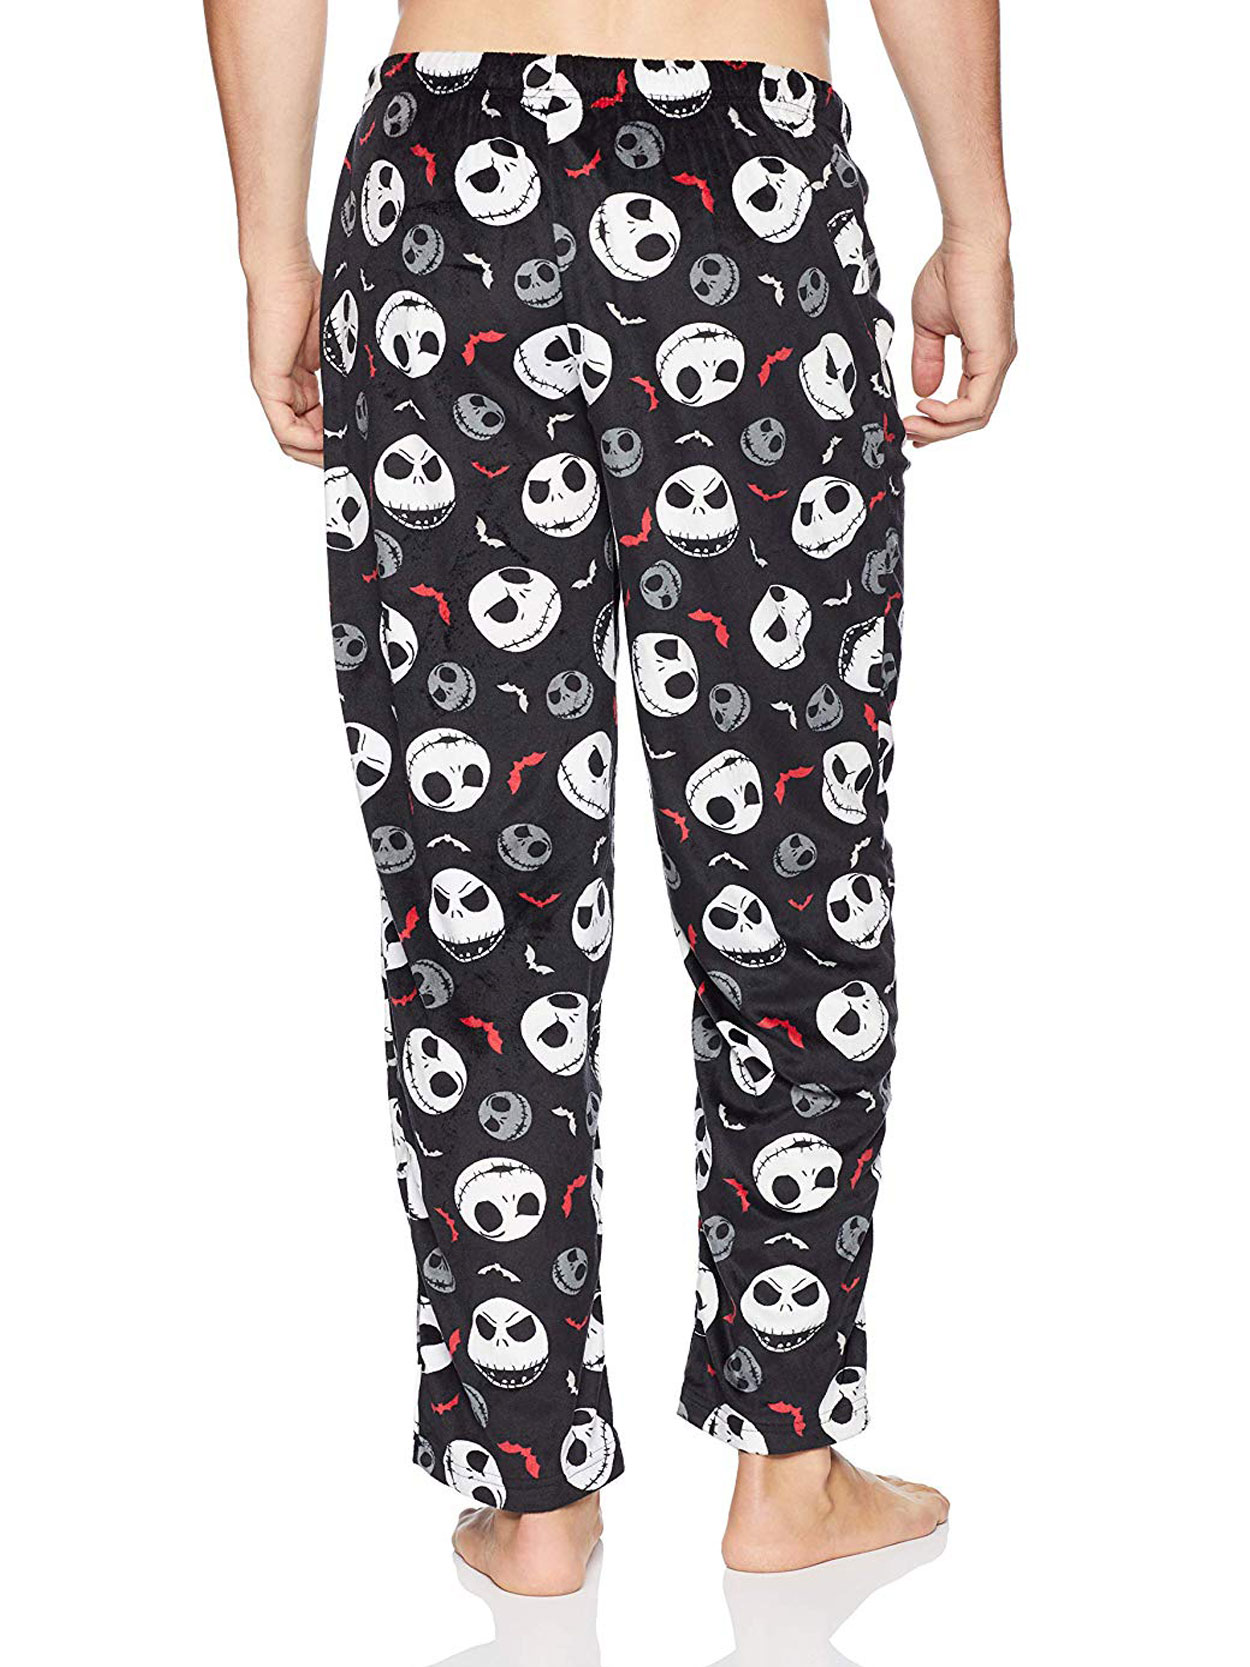 THE Nightmare Before CHRISTMAS Women/'s LADIES FLEECE lounge SLEEP Pajama PANTS